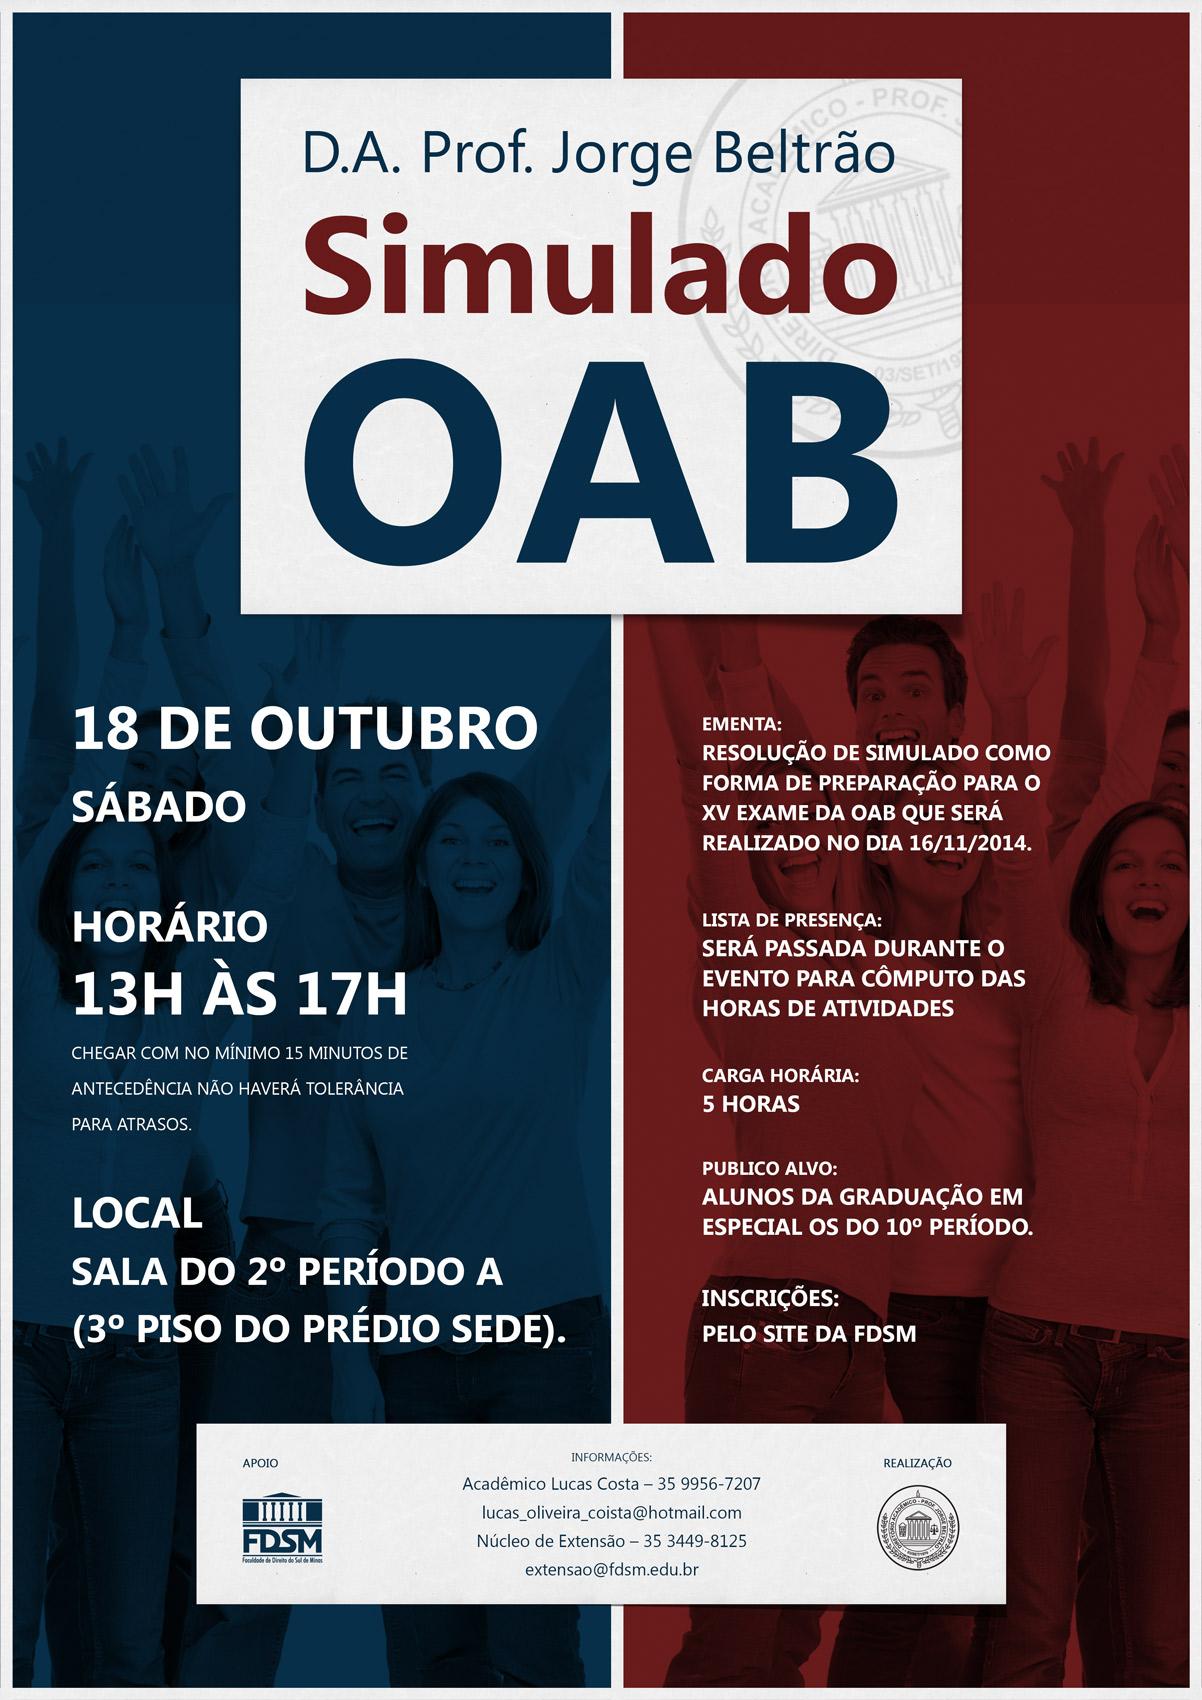 Simulado para a OAB